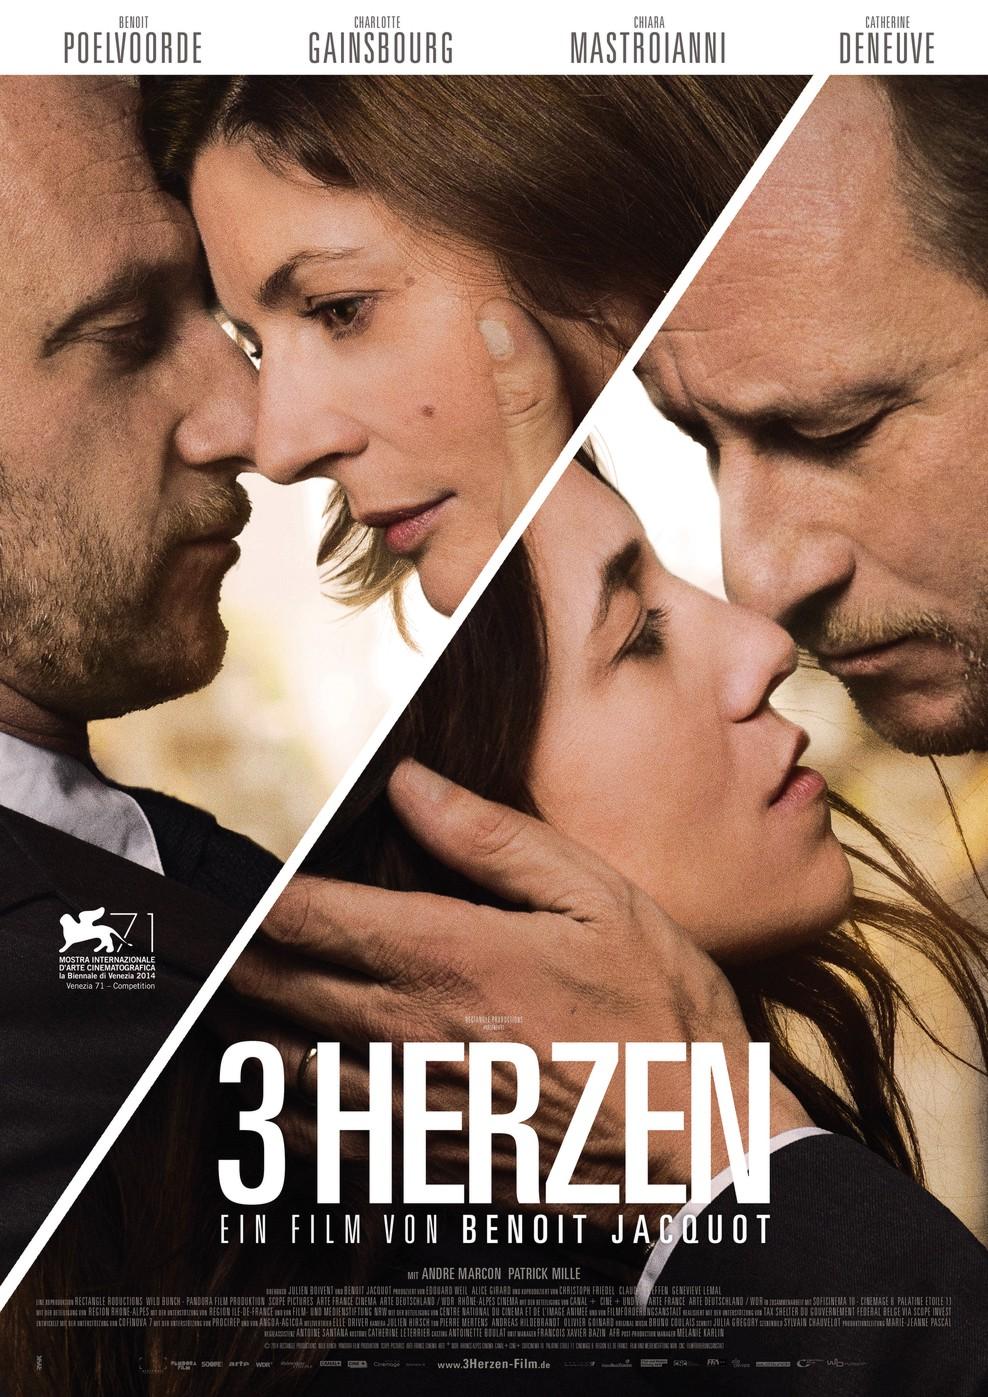 3 Herzen (Poster)